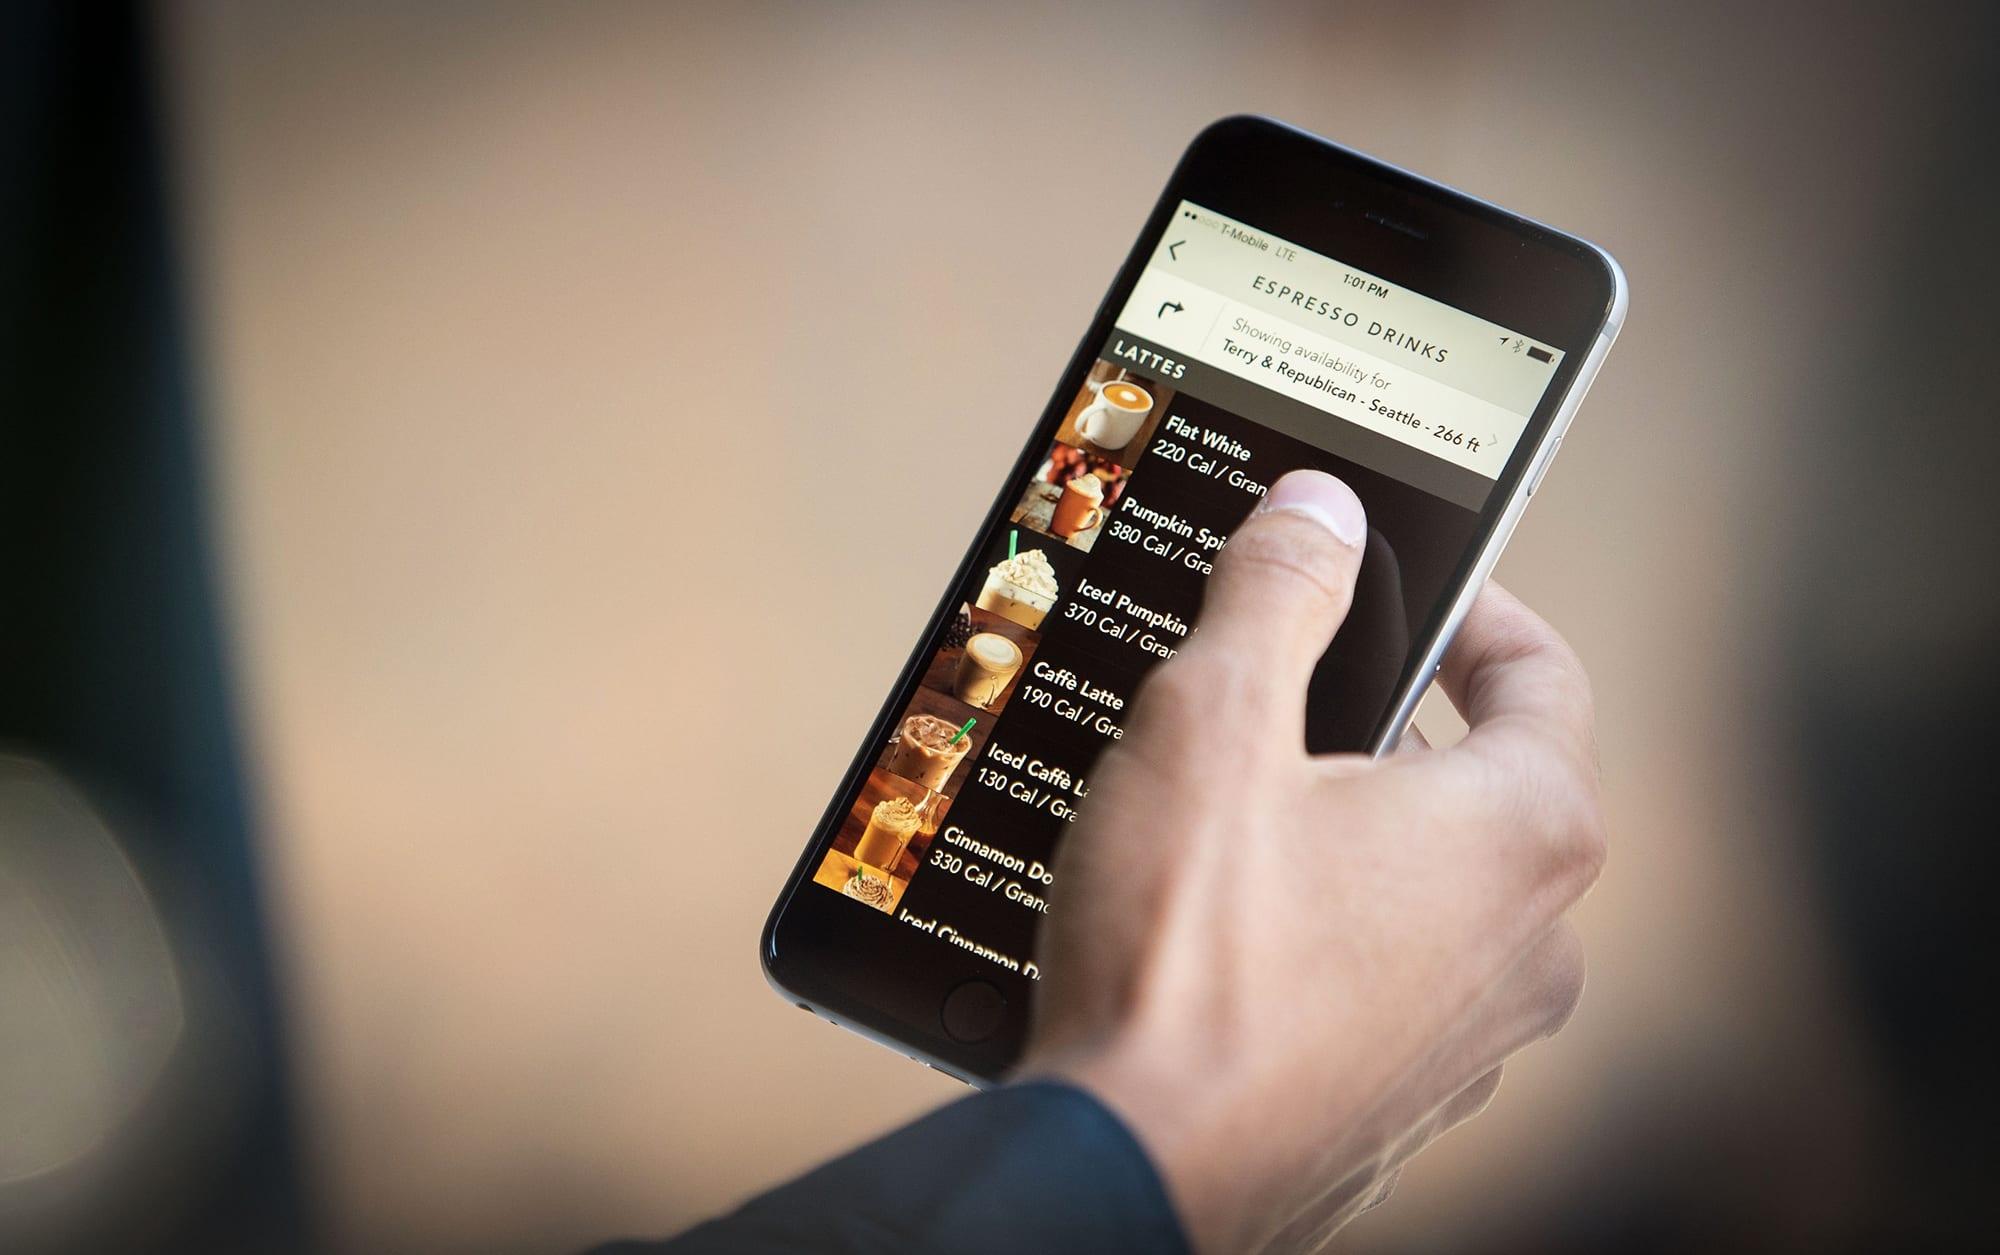 Starbucks calorie count on an app. (Courtesy of Starbucks)